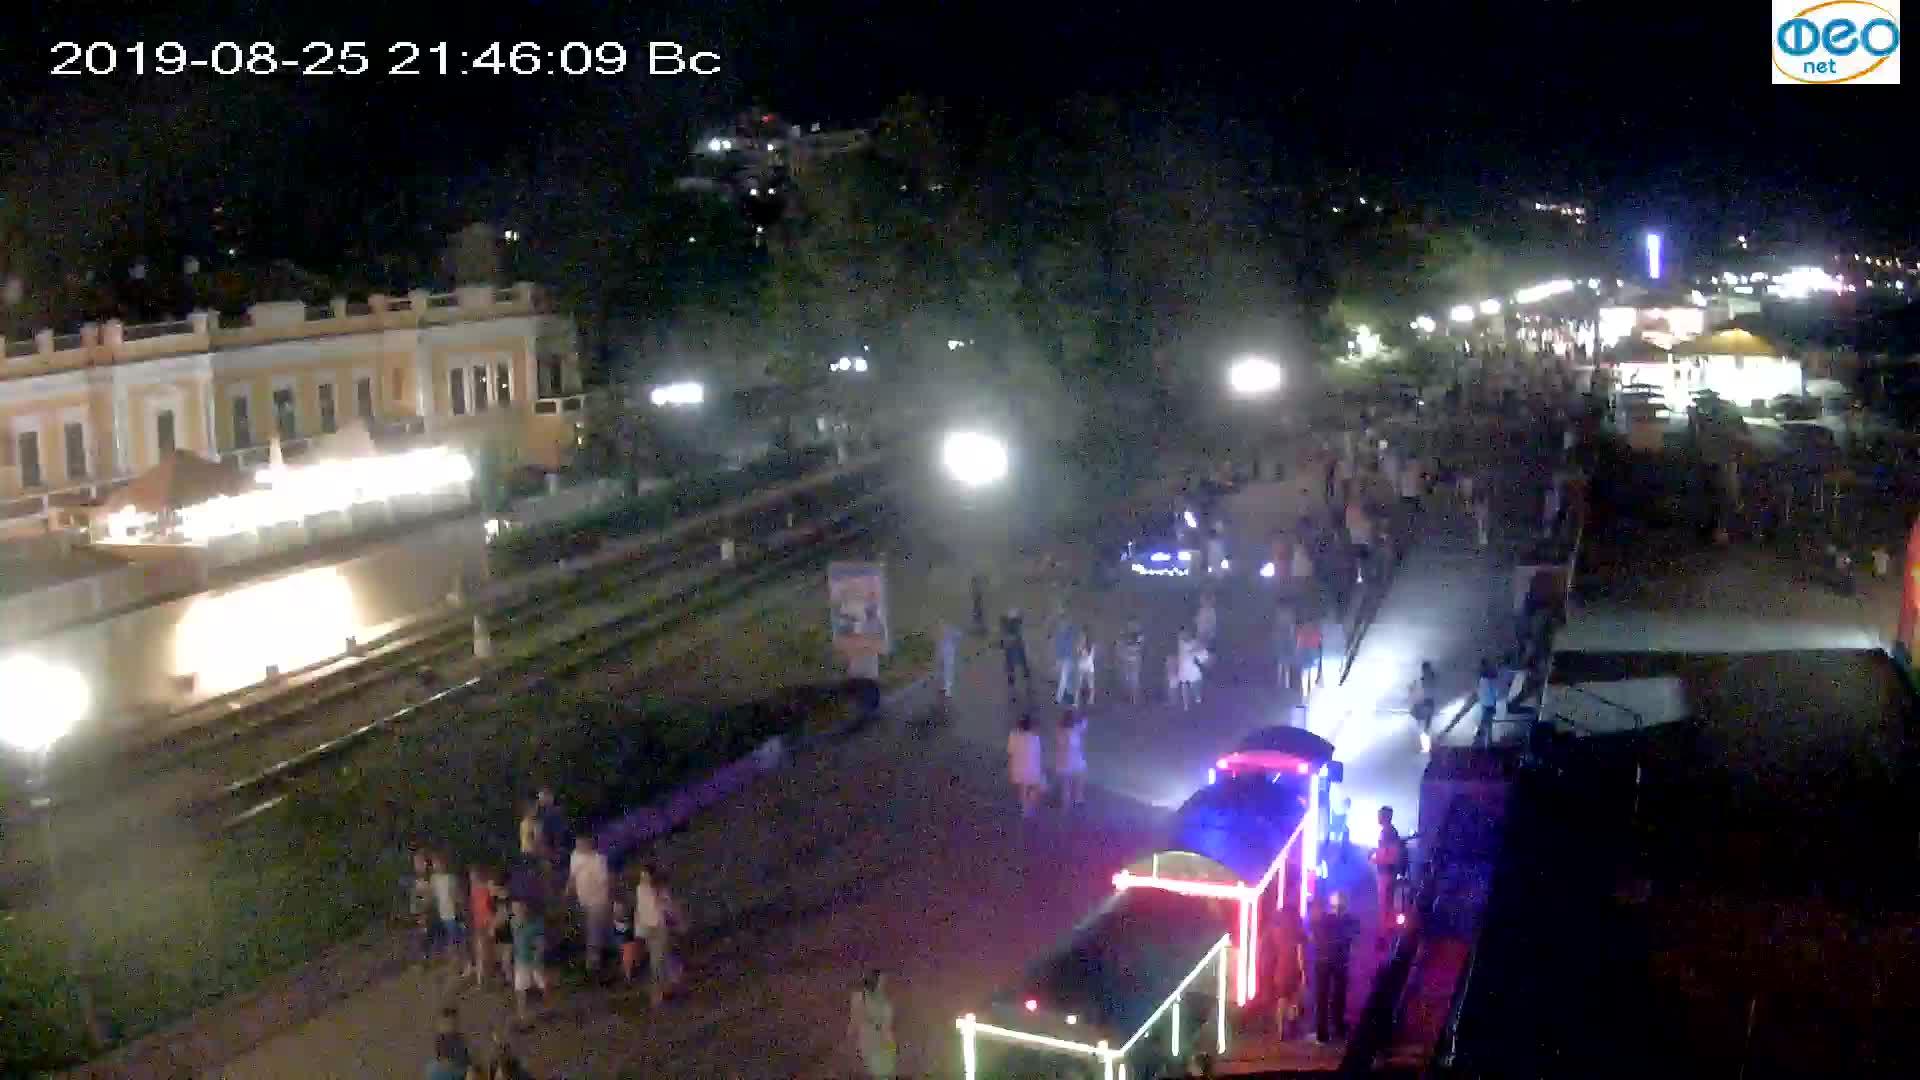 Веб-камеры Феодосии, Набережная, 2019-08-25 21:40:06